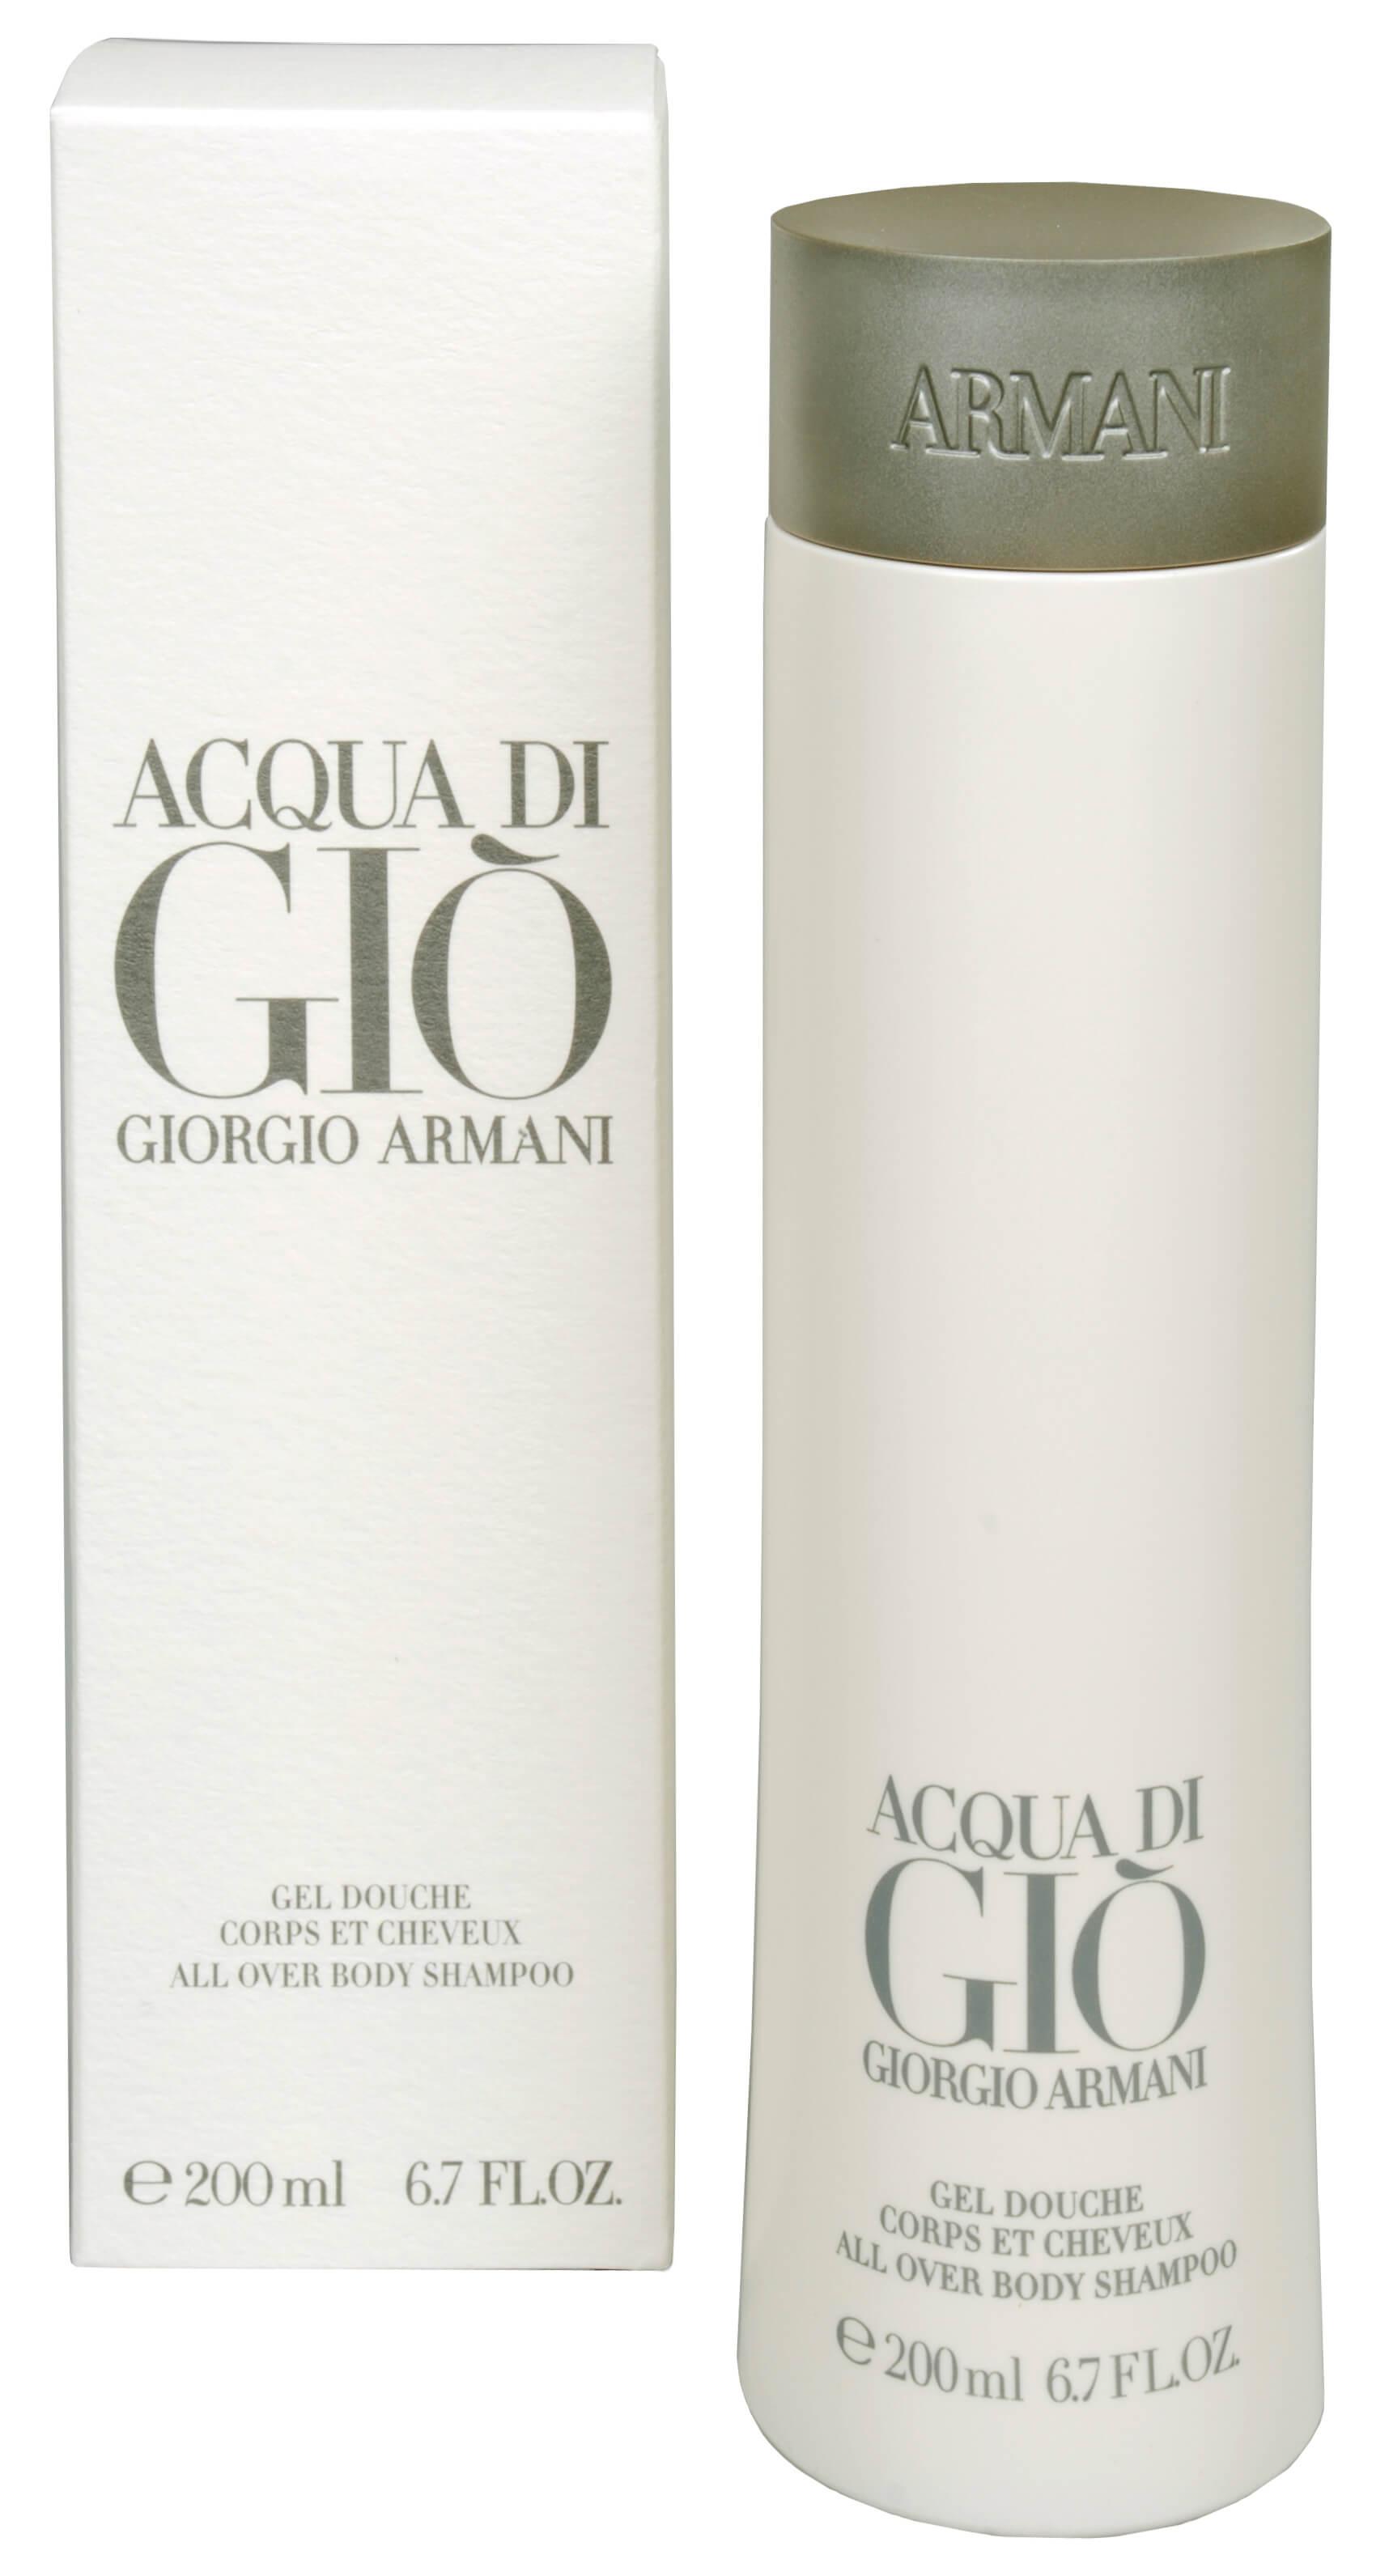 Armani Acqua di Gio pour Homme - sprchový gel 200 ml + 2 měsíce na vrácení zboží